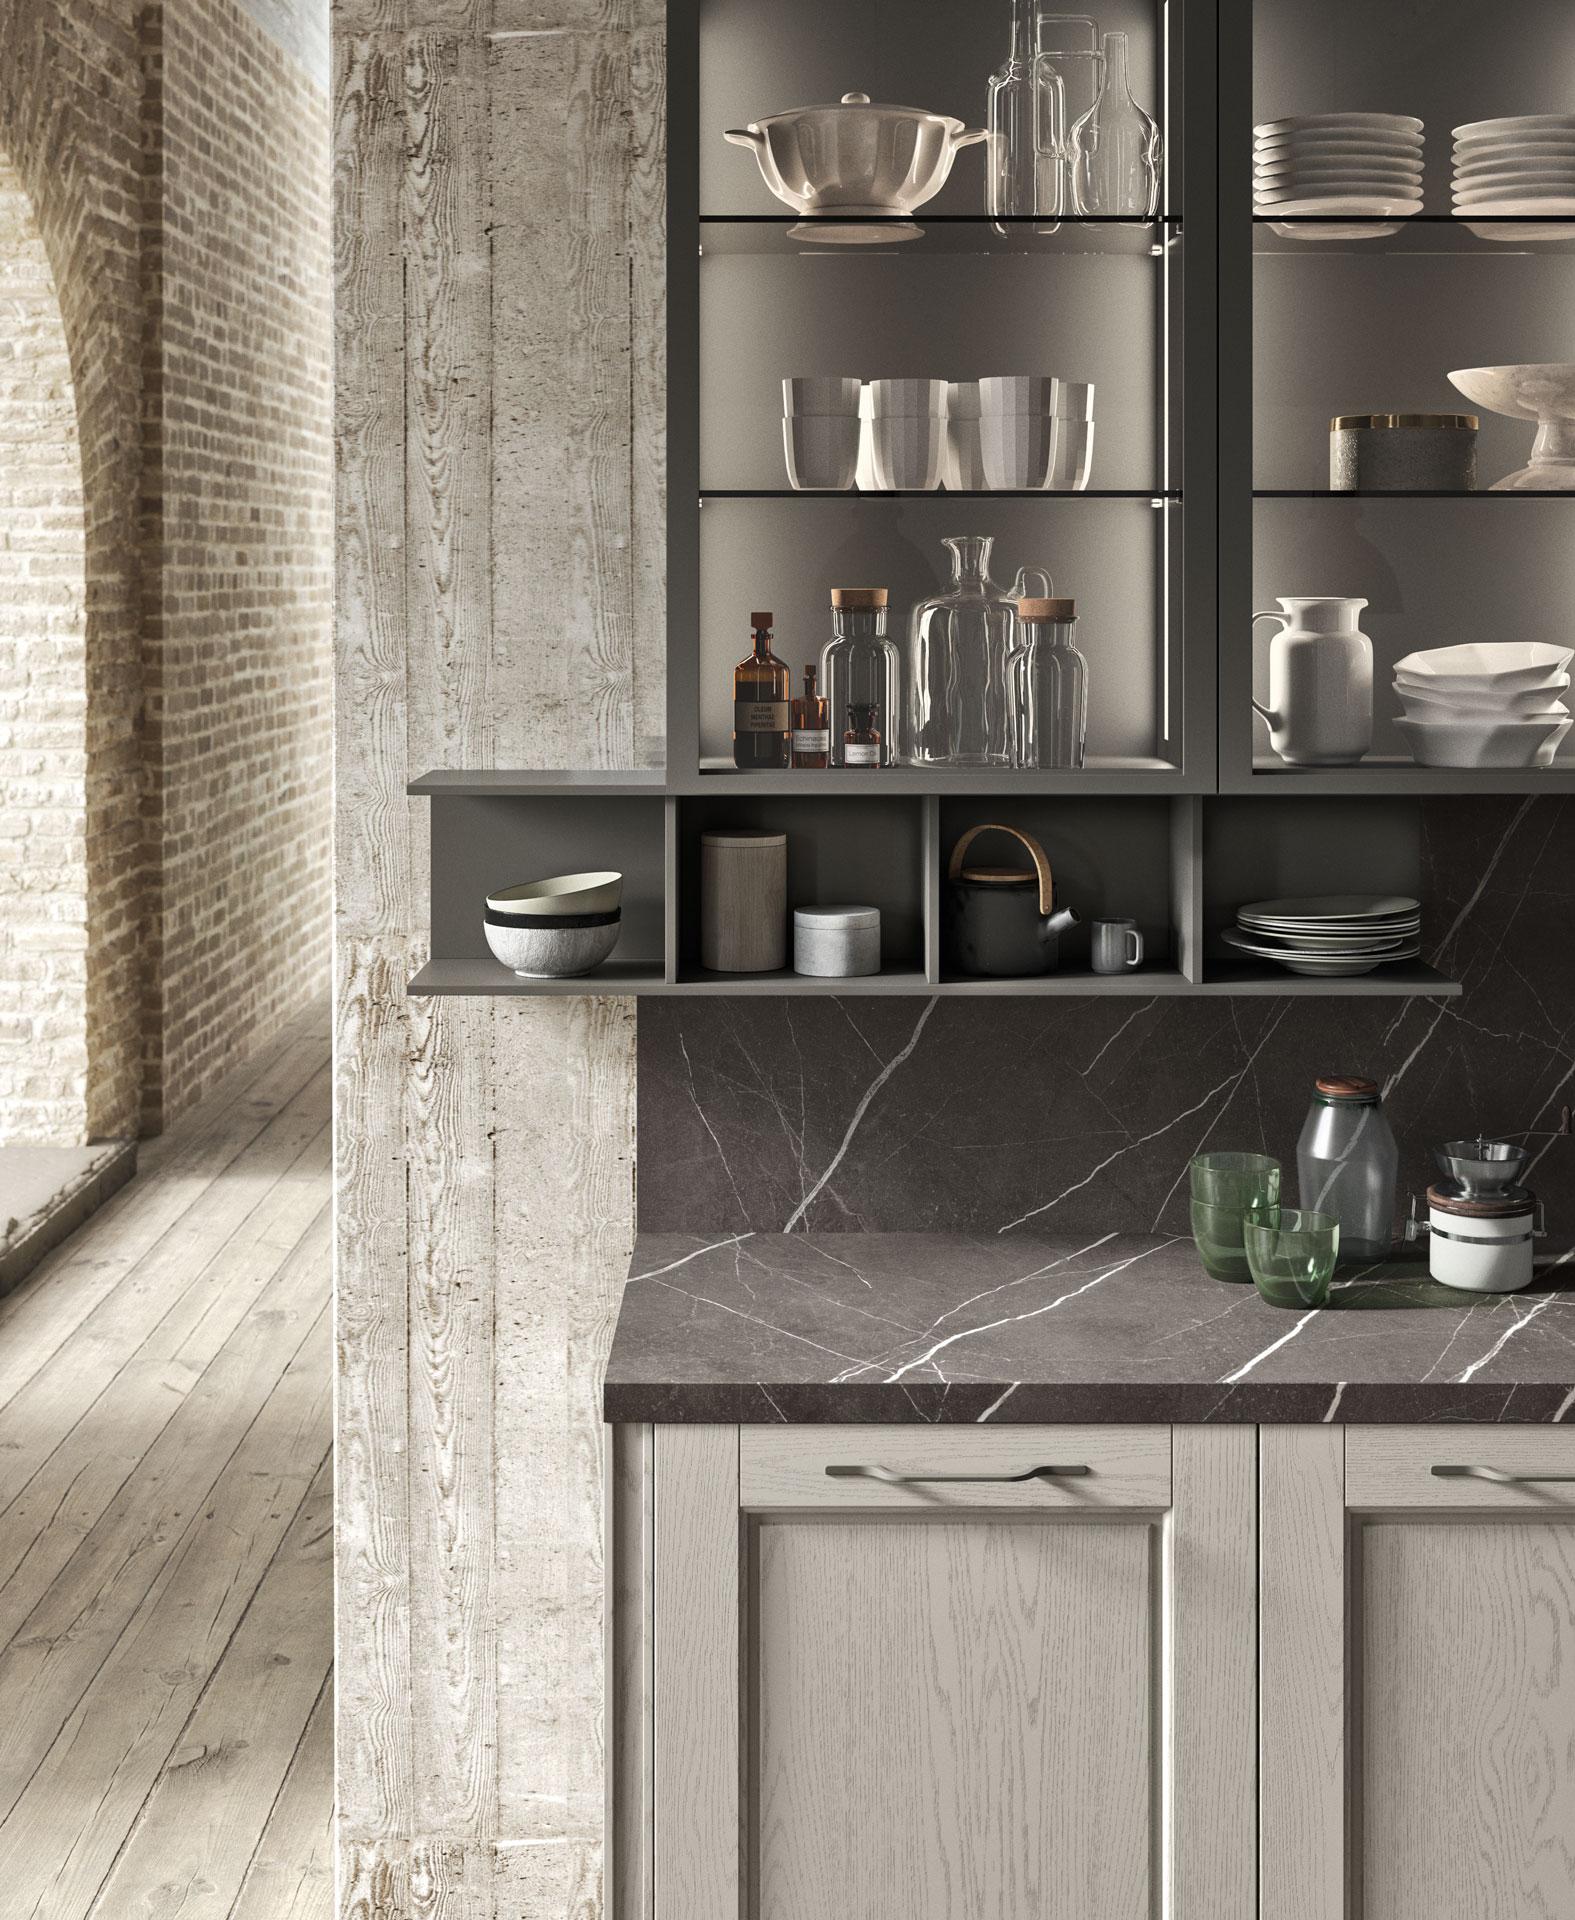 Cucine di lusso | Antares